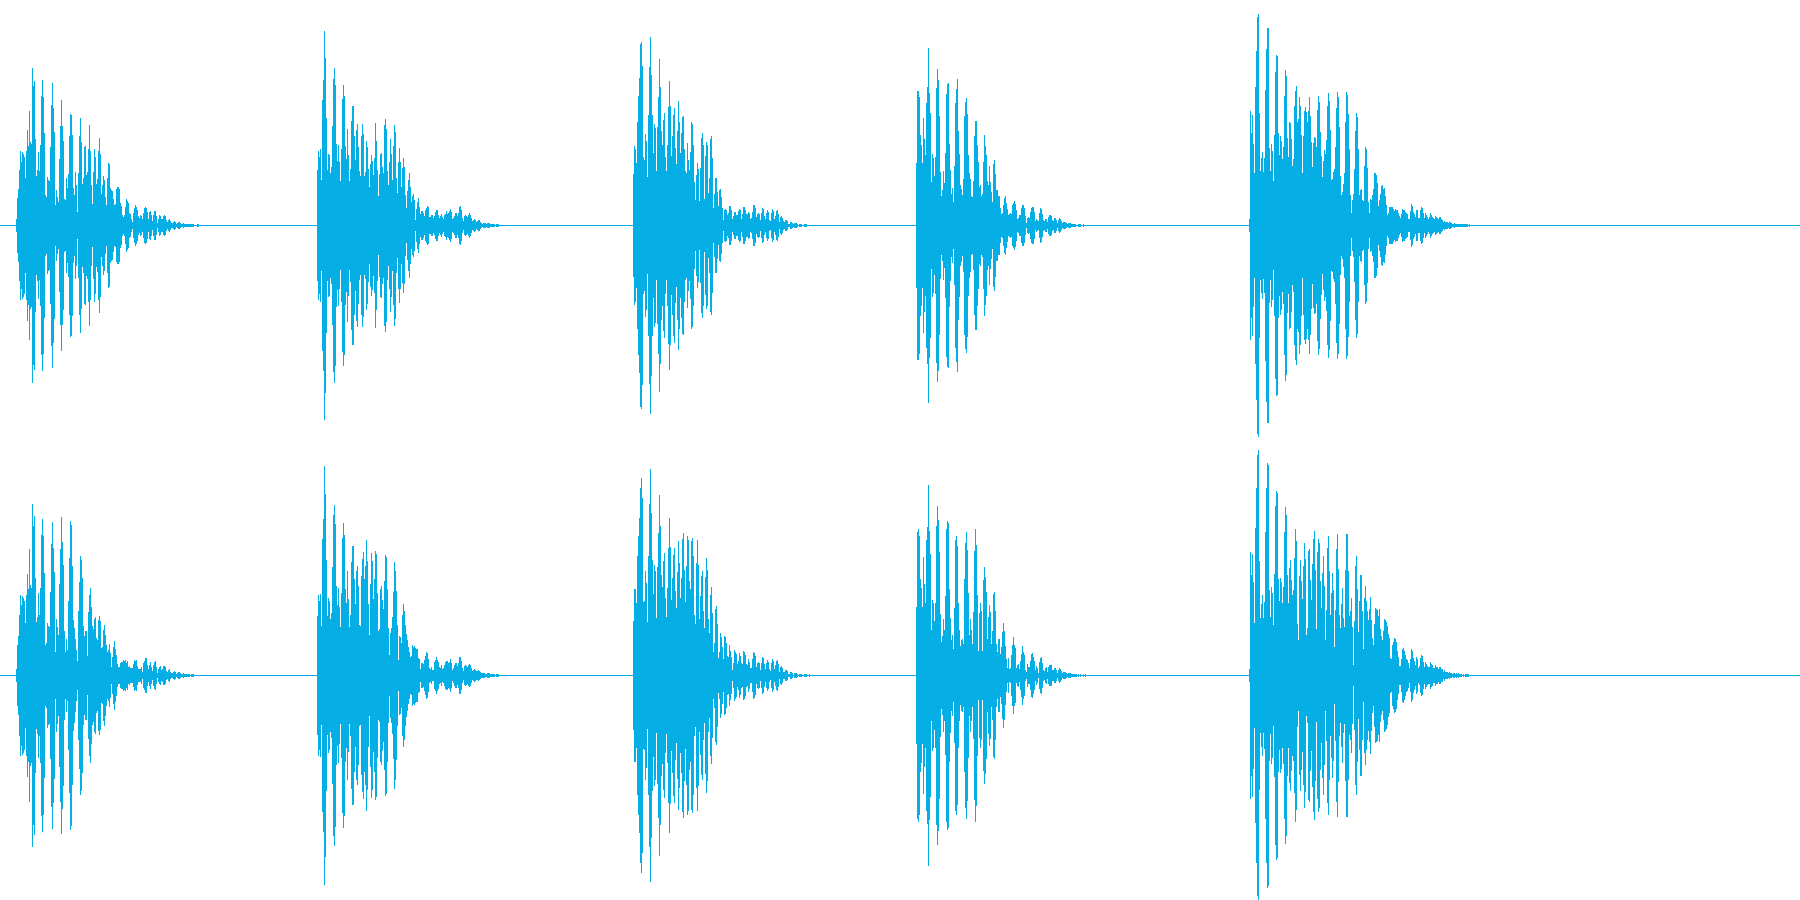 【SE 効果音】ポッポッポッポッポの再生済みの波形